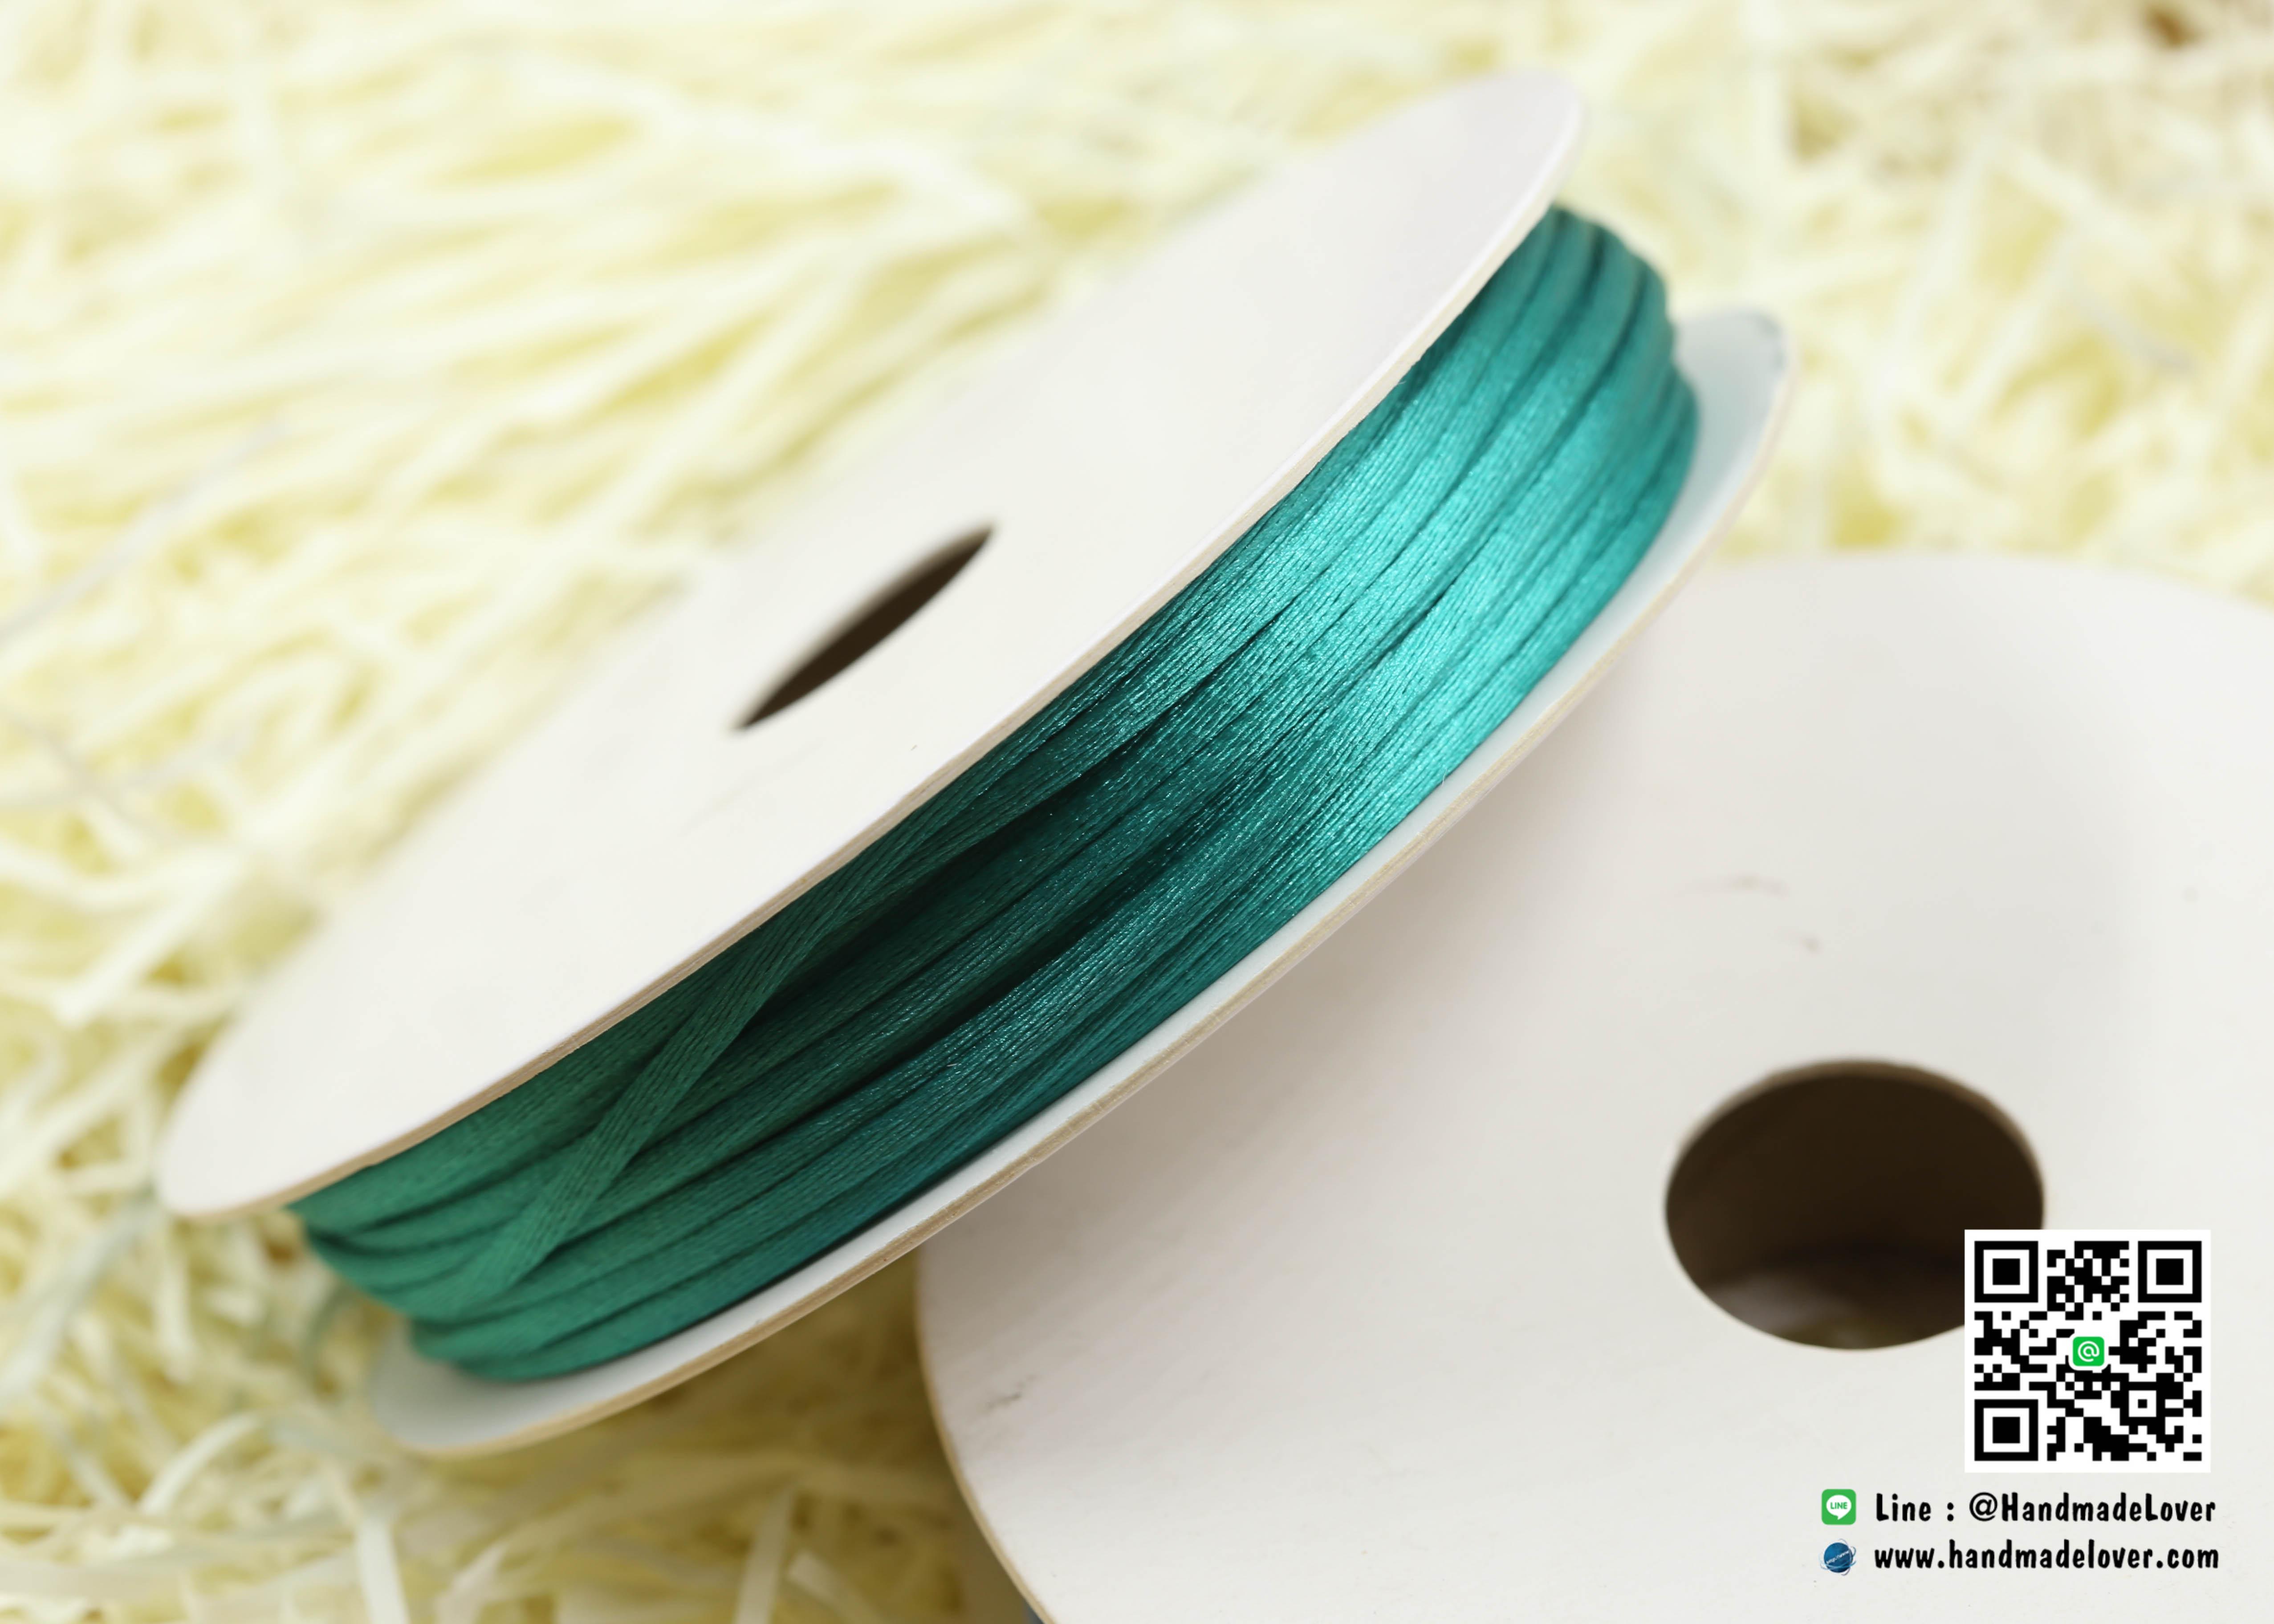 เชือกหางหนู สีเขียว [192] ขนาด 2 มิล [อย่างดี เนื้อนุ่ม]